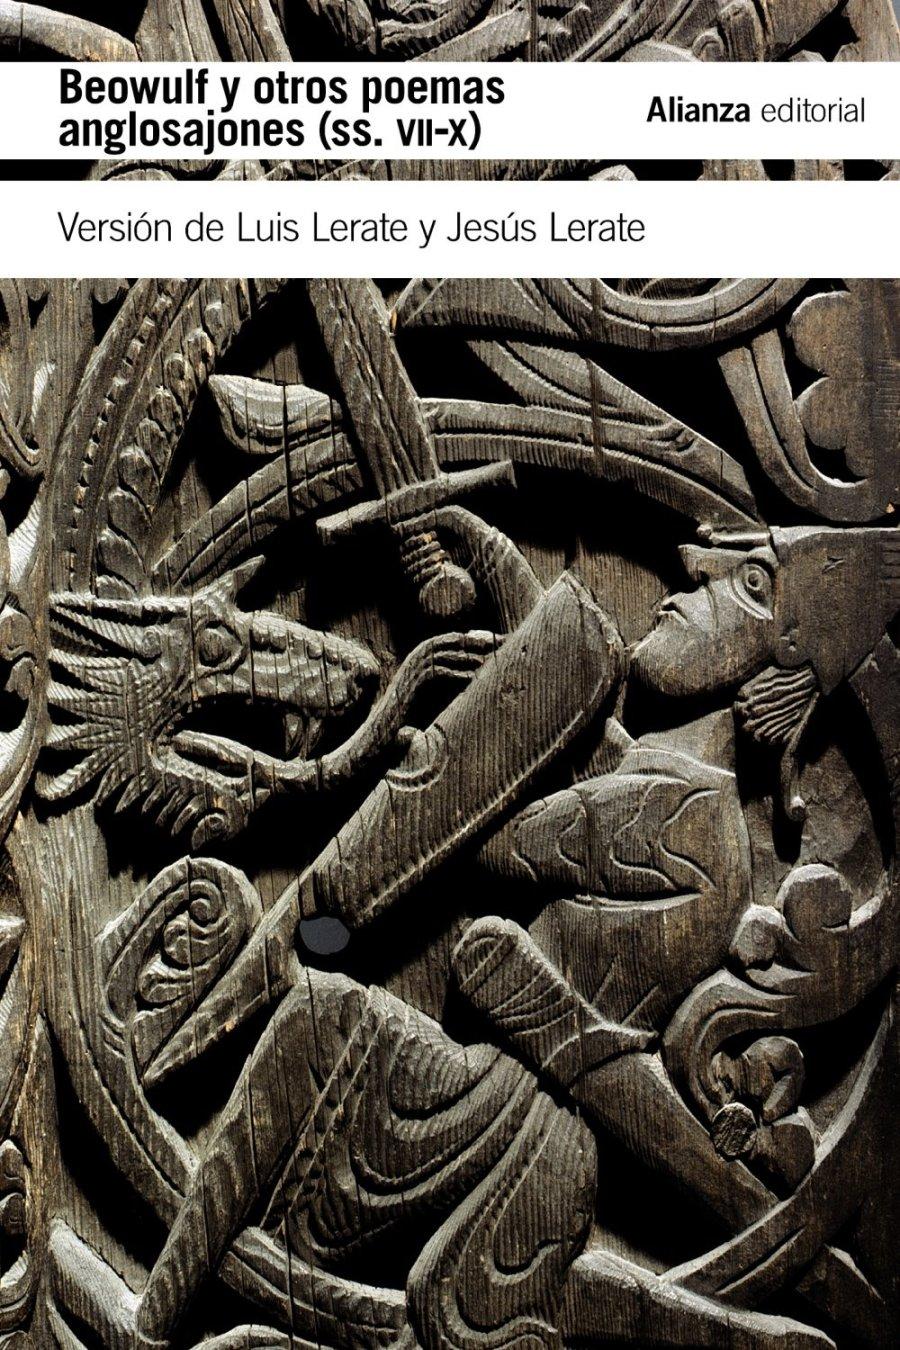 Beowulf y otros poemas anglosajones (siglos VII-X) Book Cover